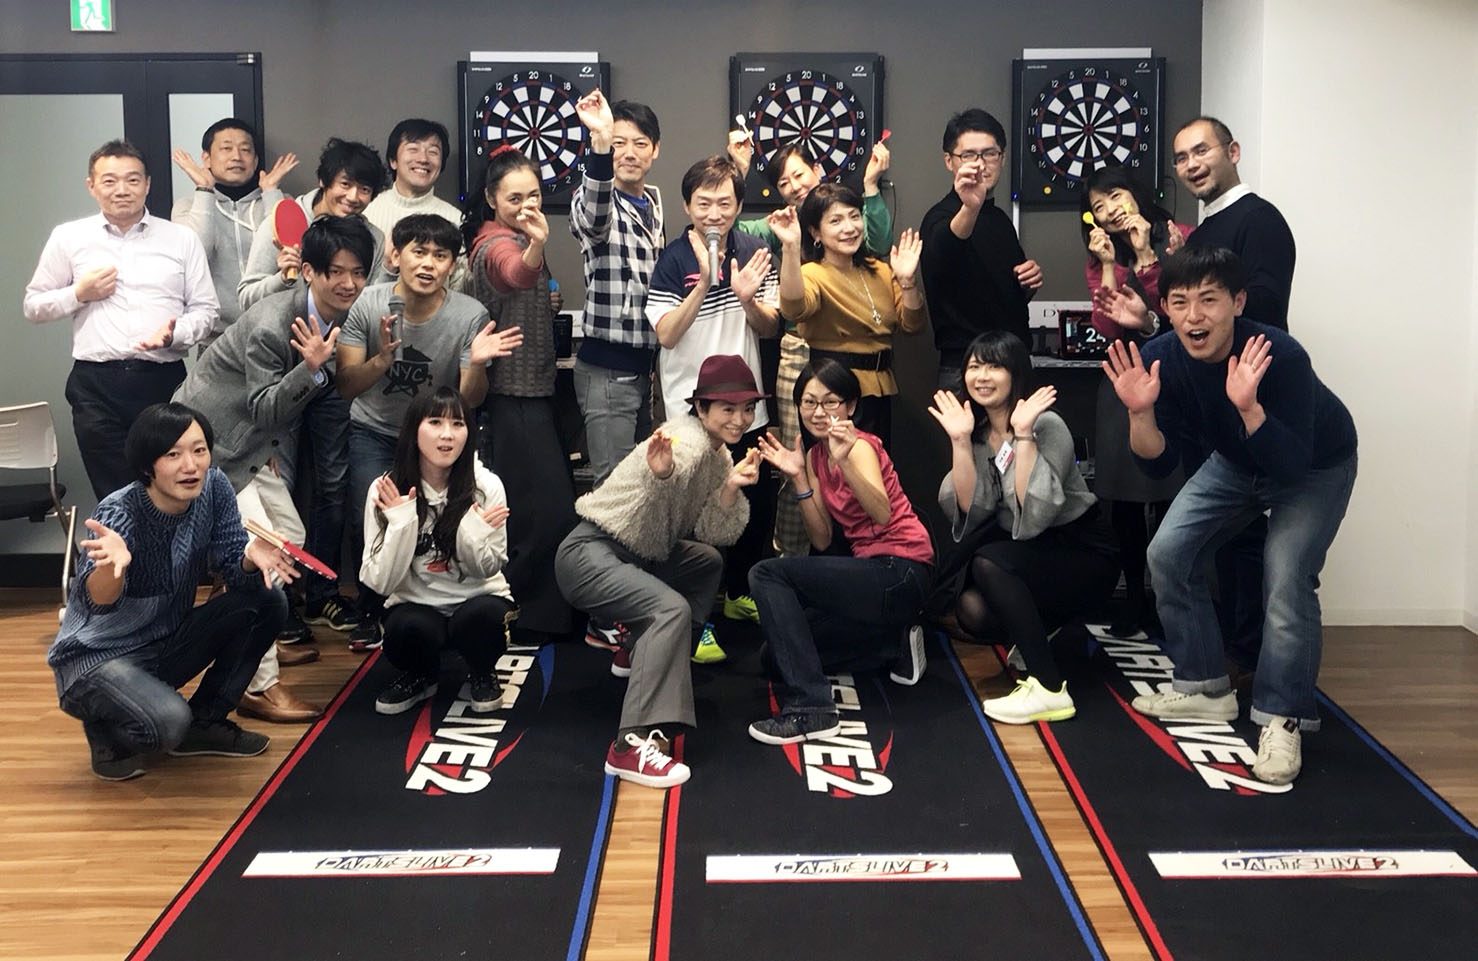 2018.2.13 スポーツ部会【卓球】_180213_0002 - コピー